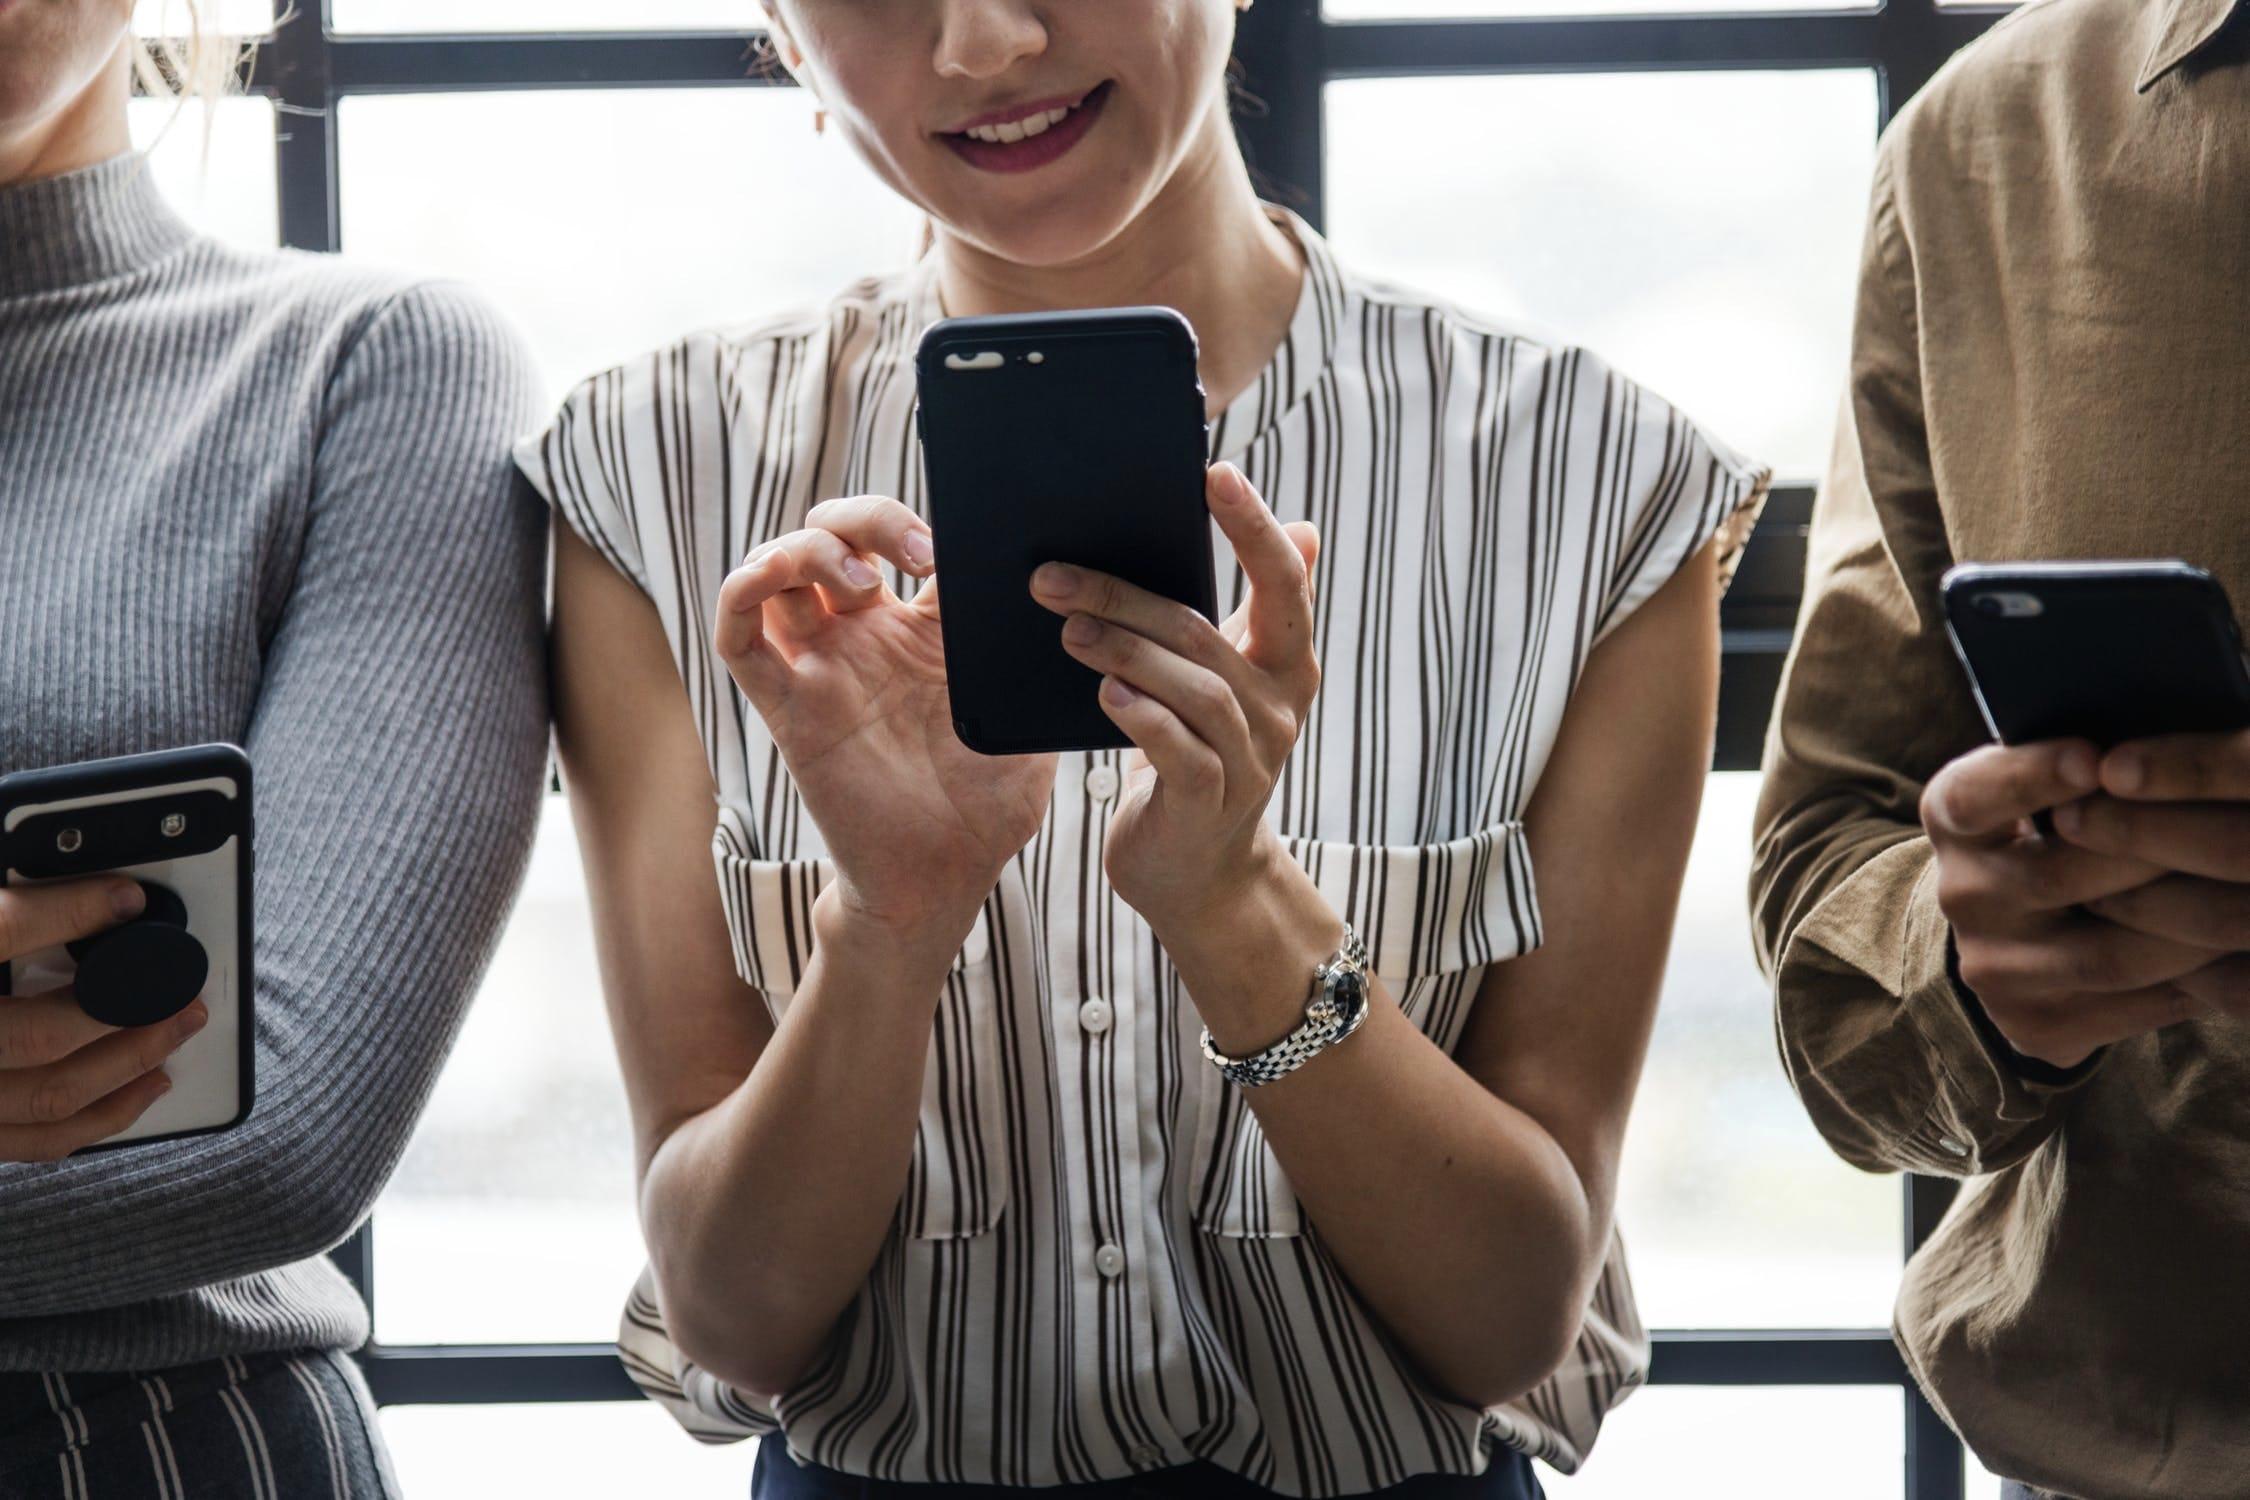 海外でスマホをネットに接続するおすすめの方法 3つ【利用スタイル別に解説】